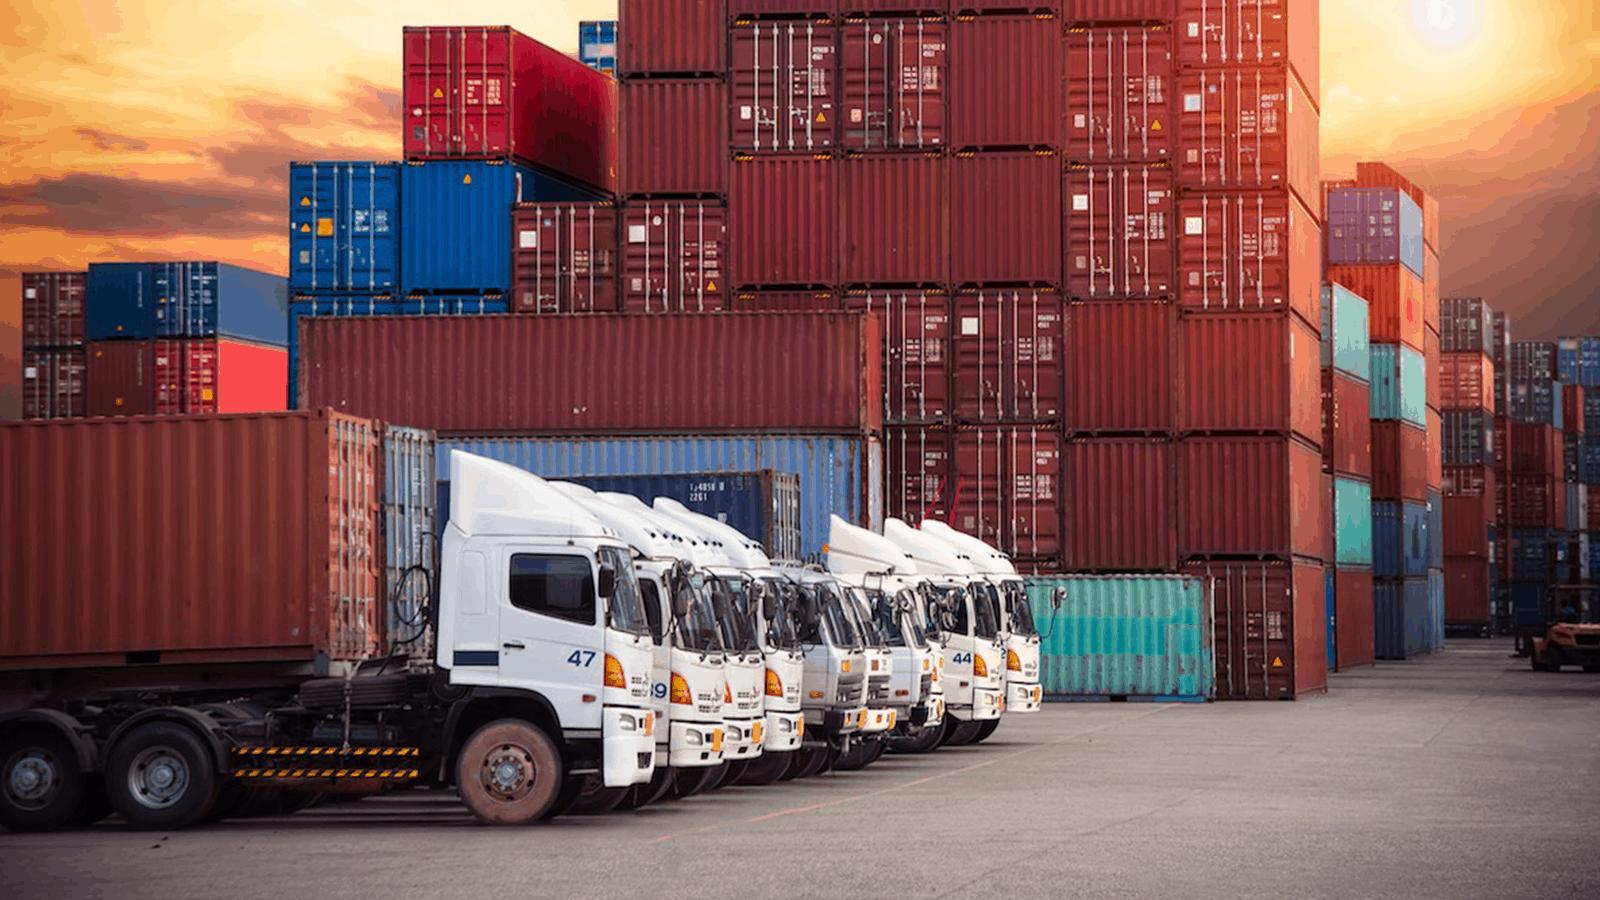 Την εφαρμογή των αναθεωρημένων όρων ασφάλισης μεταφοράς εμπορευμάτων (IC Clauses) ζητεί ο ΣΕΜΑ